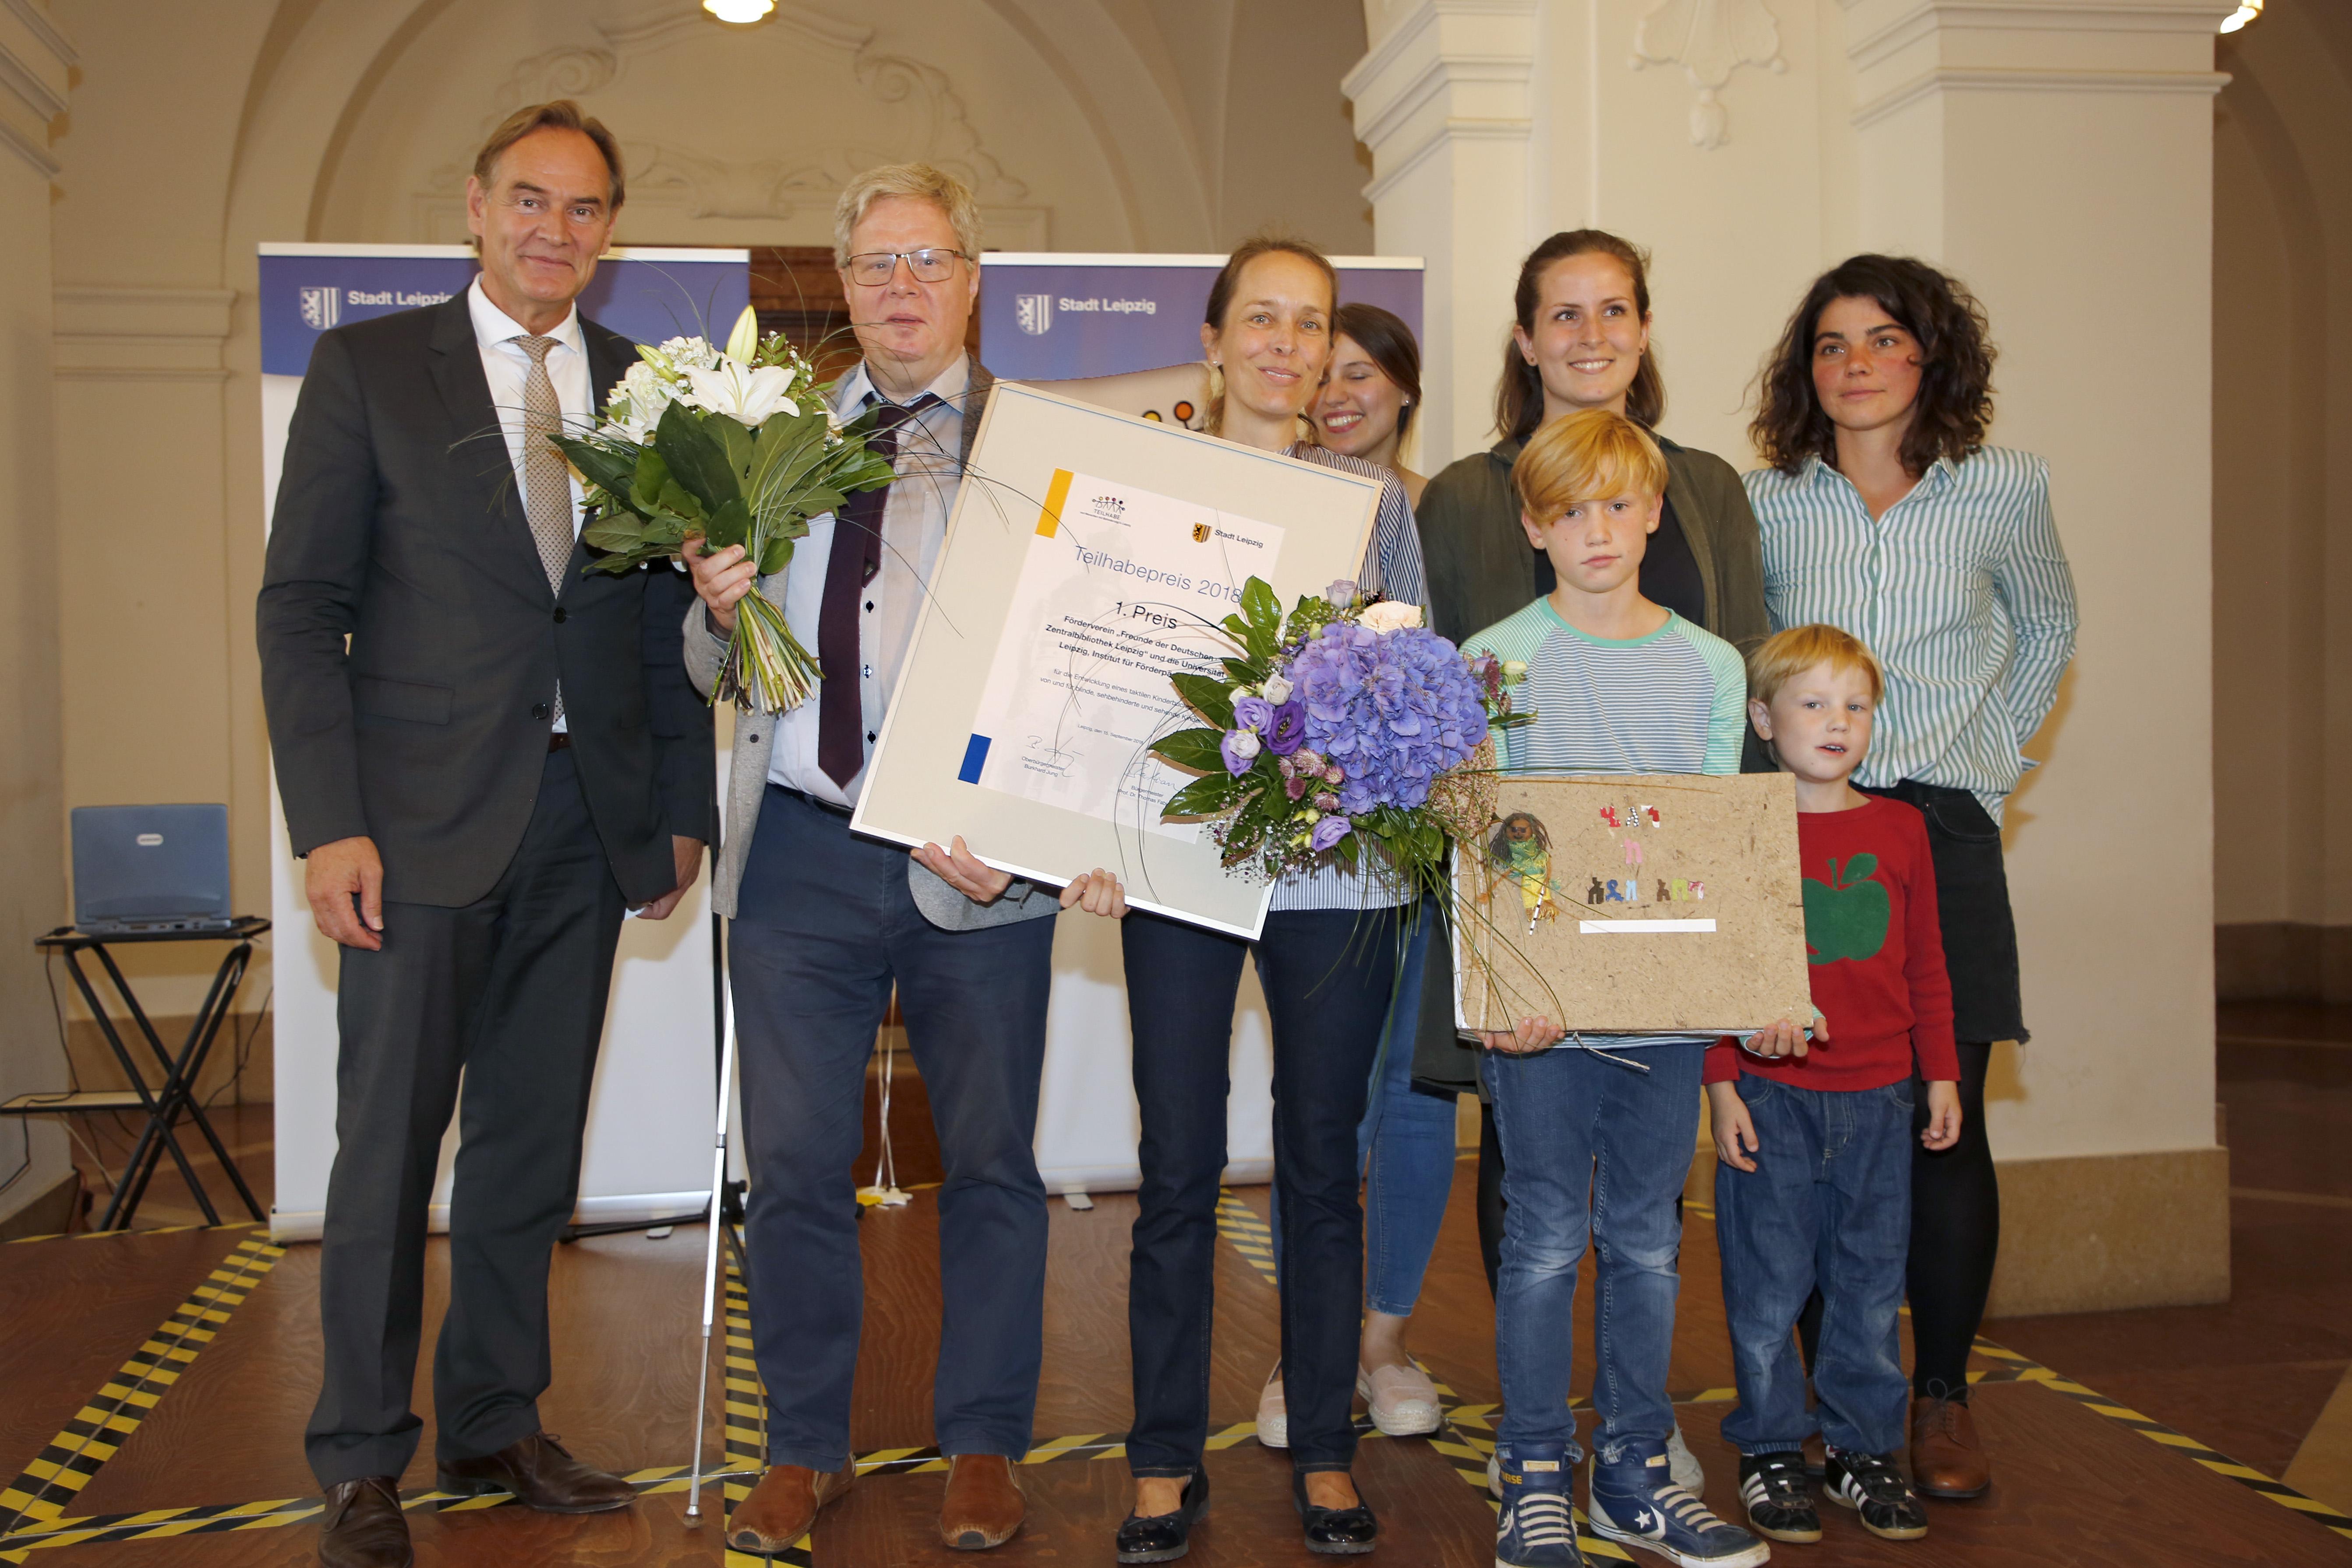 Die Gewinner des Teilhabepreises 2018 mit Oberbürgermeister Burkhard Jung Foto: Mahmoud Dabdoub